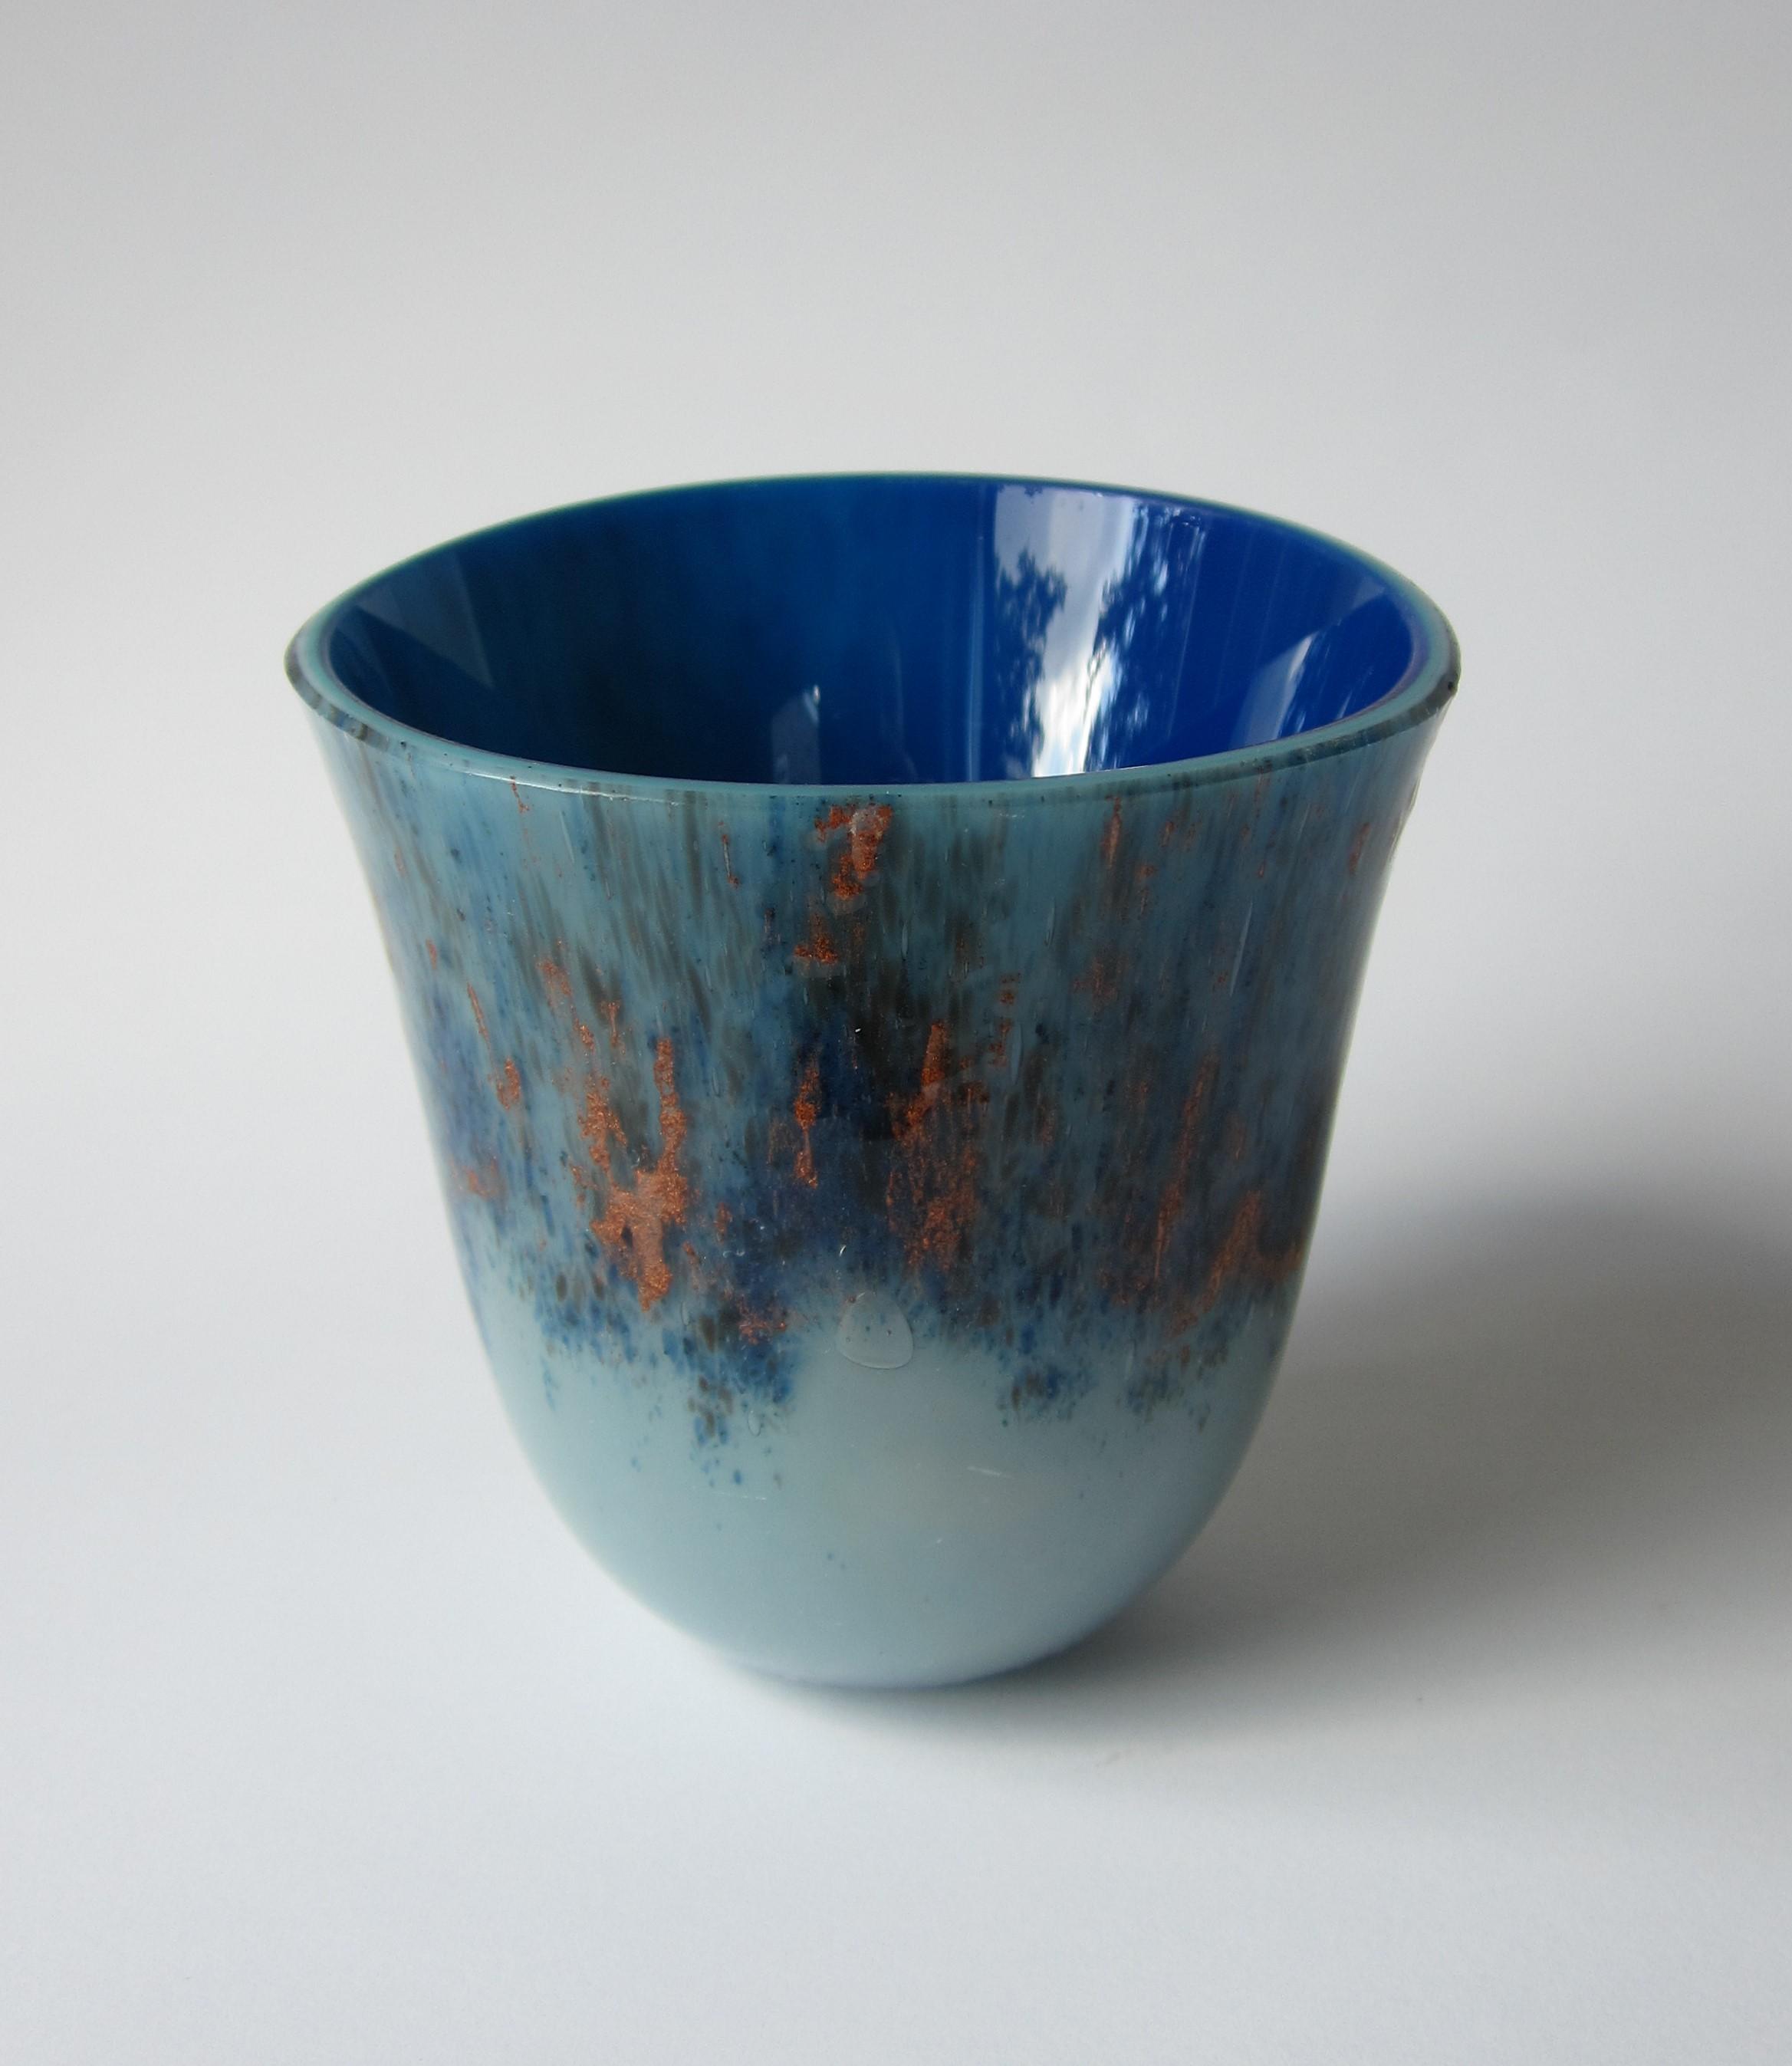 Glazen vaas - blauw/brons/zwart